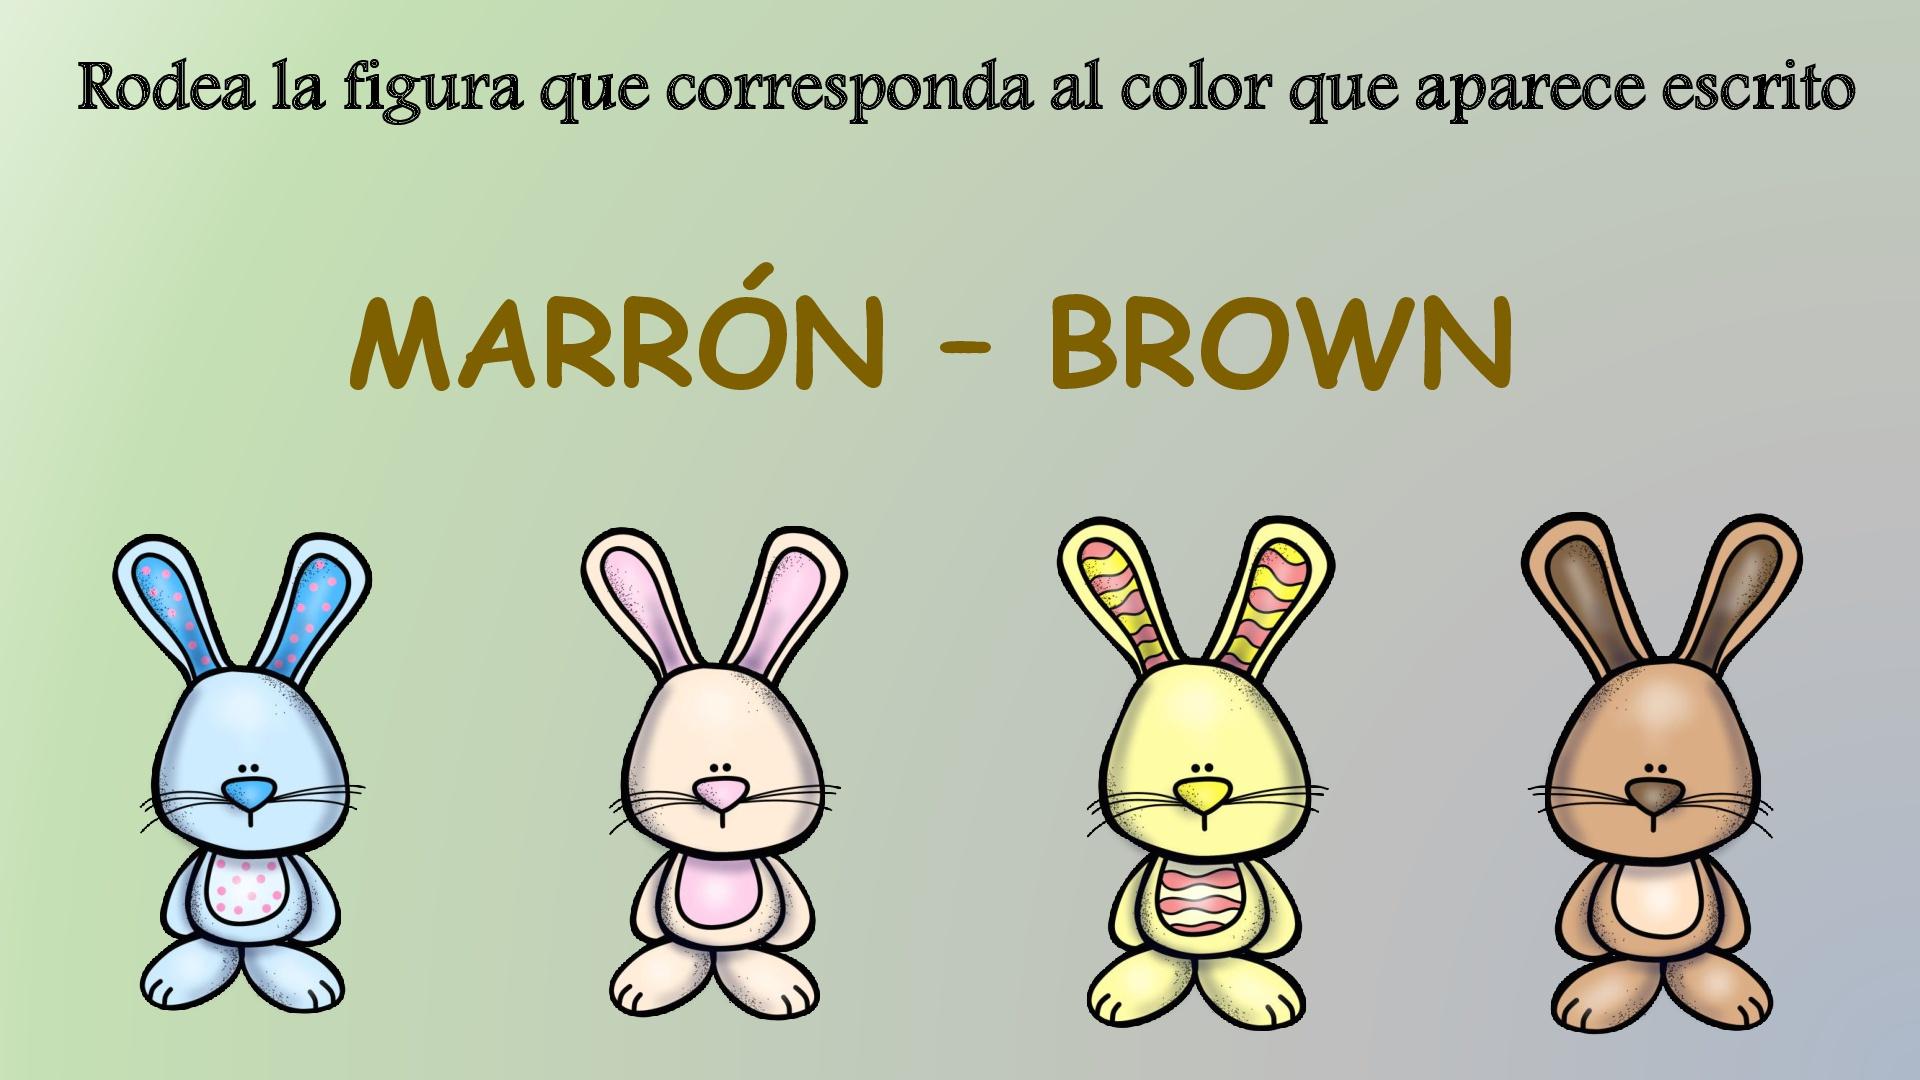 colores-ingles-y-espanol-007